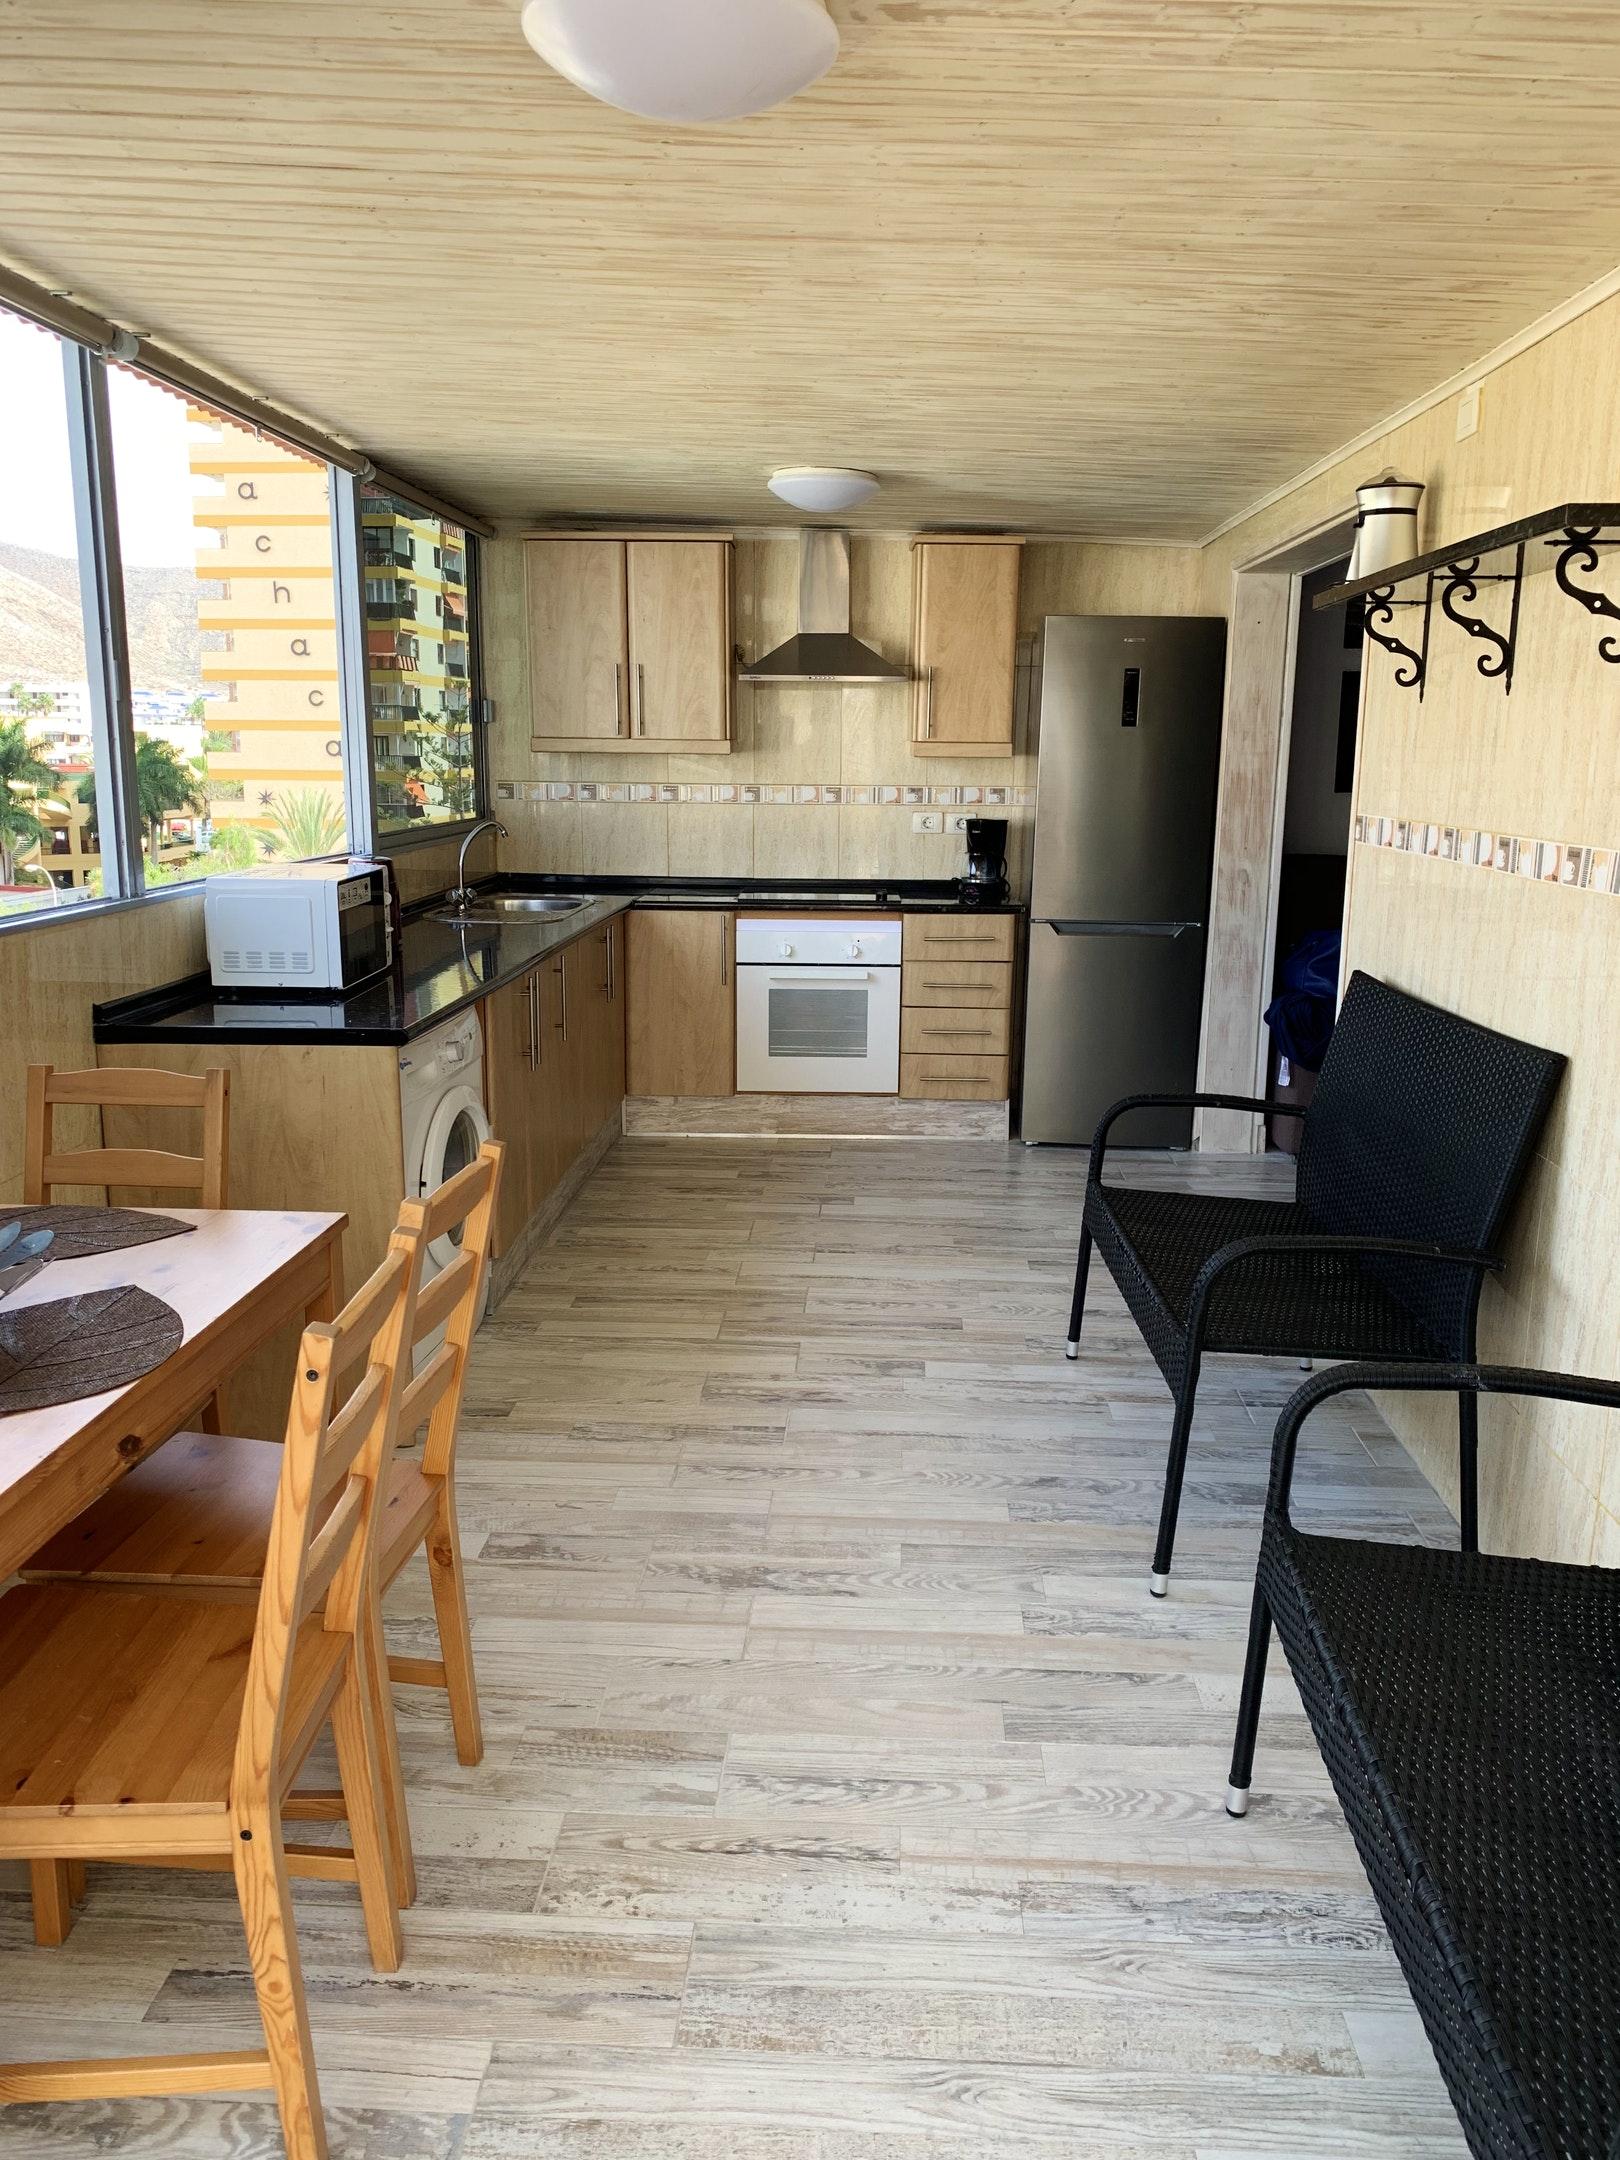 Appartement de vacances Wohnung mit 2 Schlafzimmern in Los Cristianos mit toller Aussicht auf die Berge, eingezäun (2202481), Los Cristianos, Ténérife, Iles Canaries, Espagne, image 12